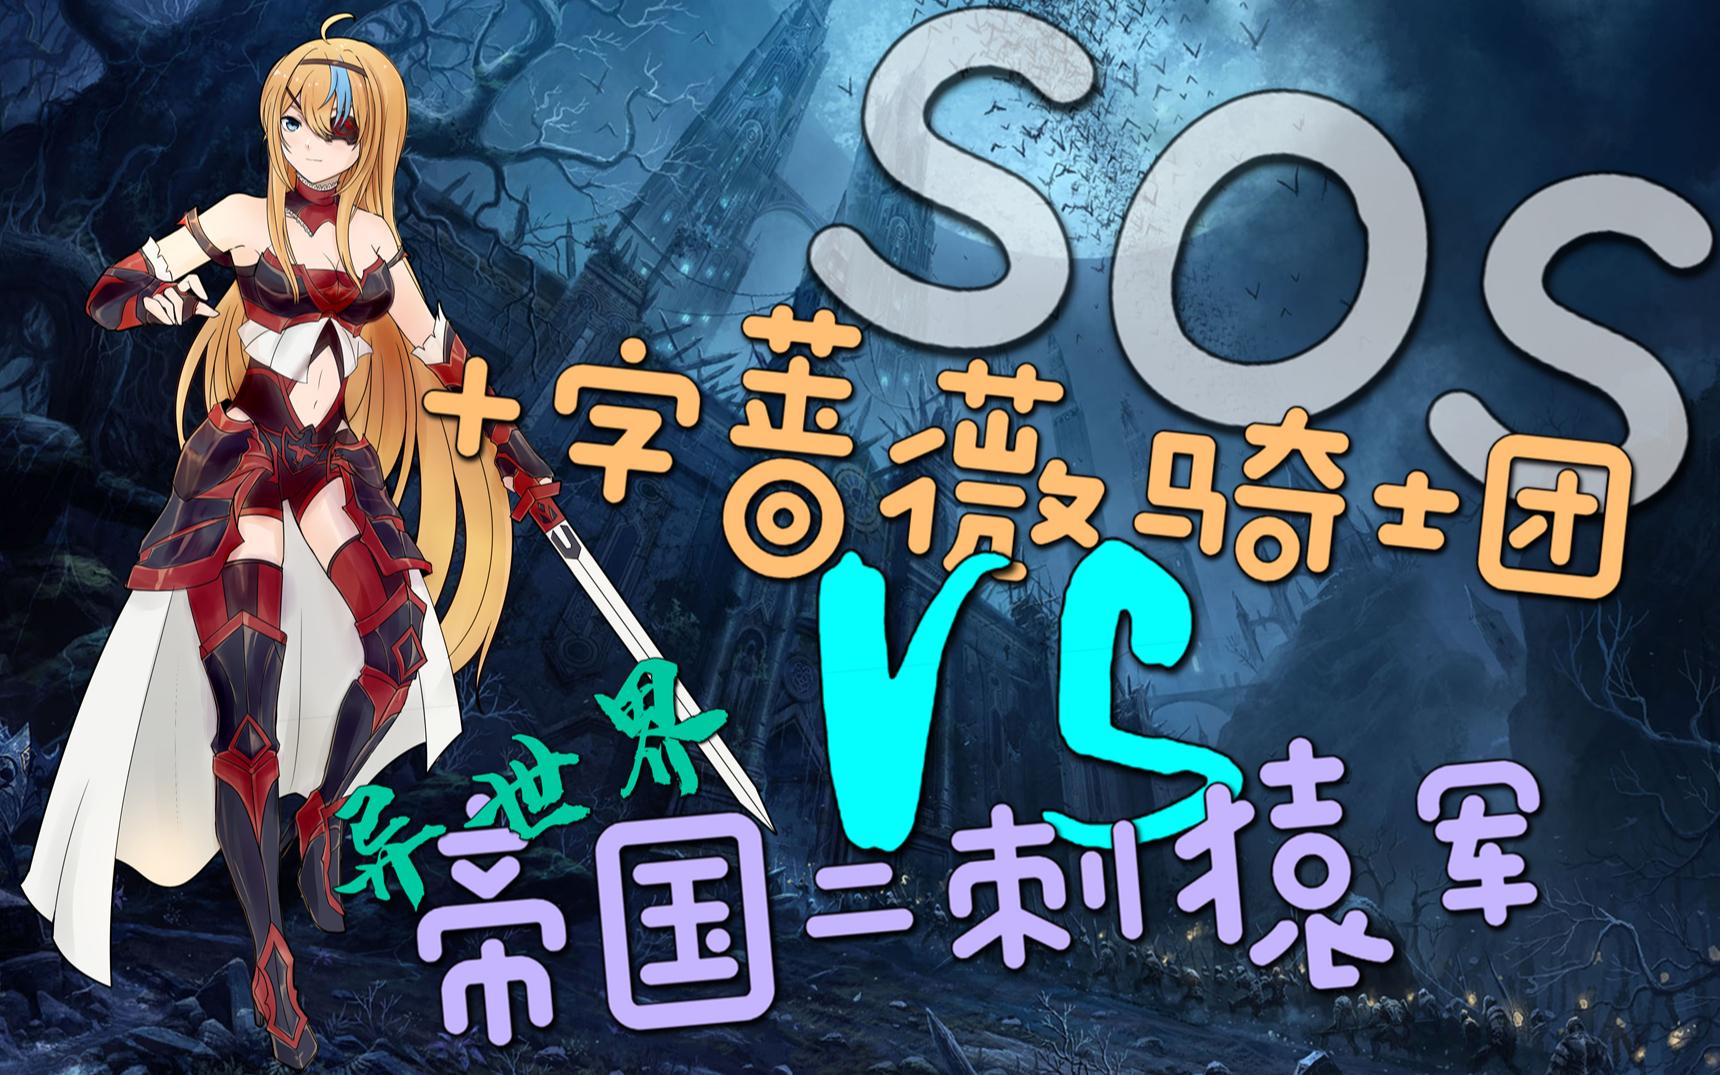 【出道616第二季】十字蔷薇骑士团VS异世界帝国二刺猿军